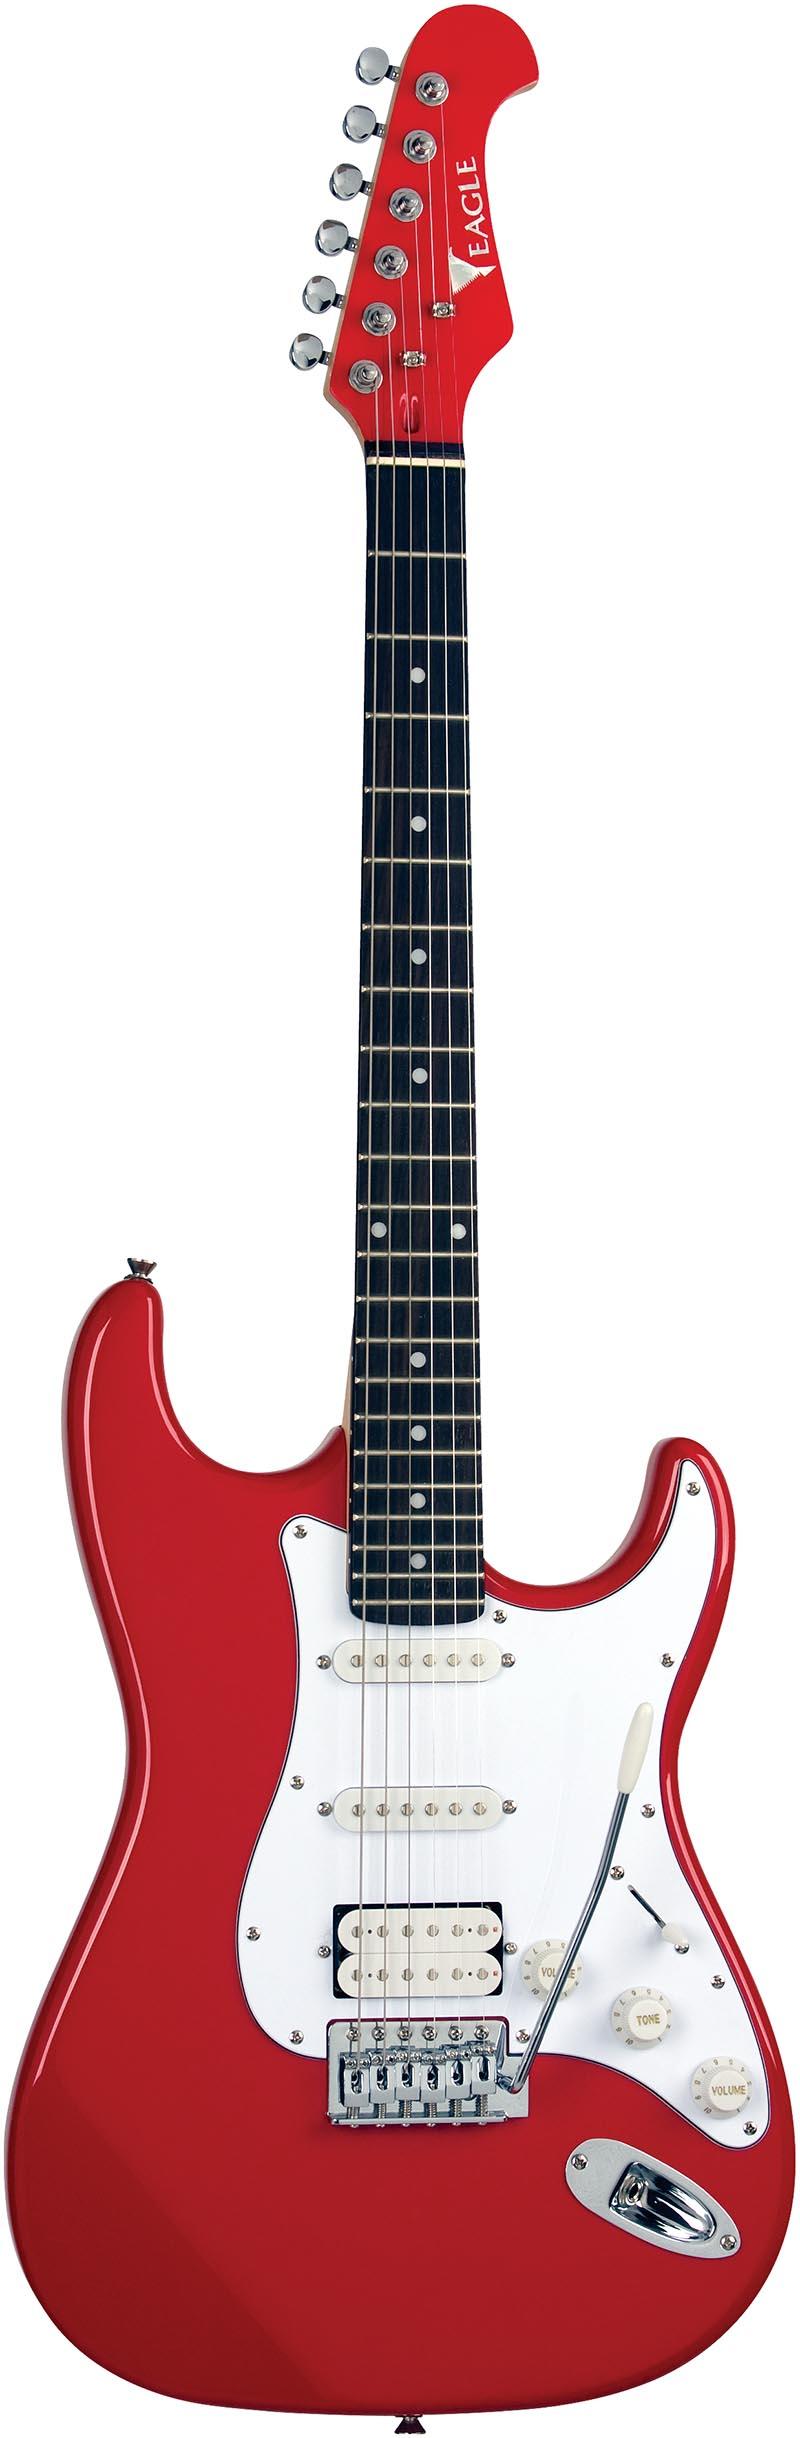 sts002 guitarra eletrica stratocaster captador humbucker eagle sts002 rd vermelho visao frontal vertical